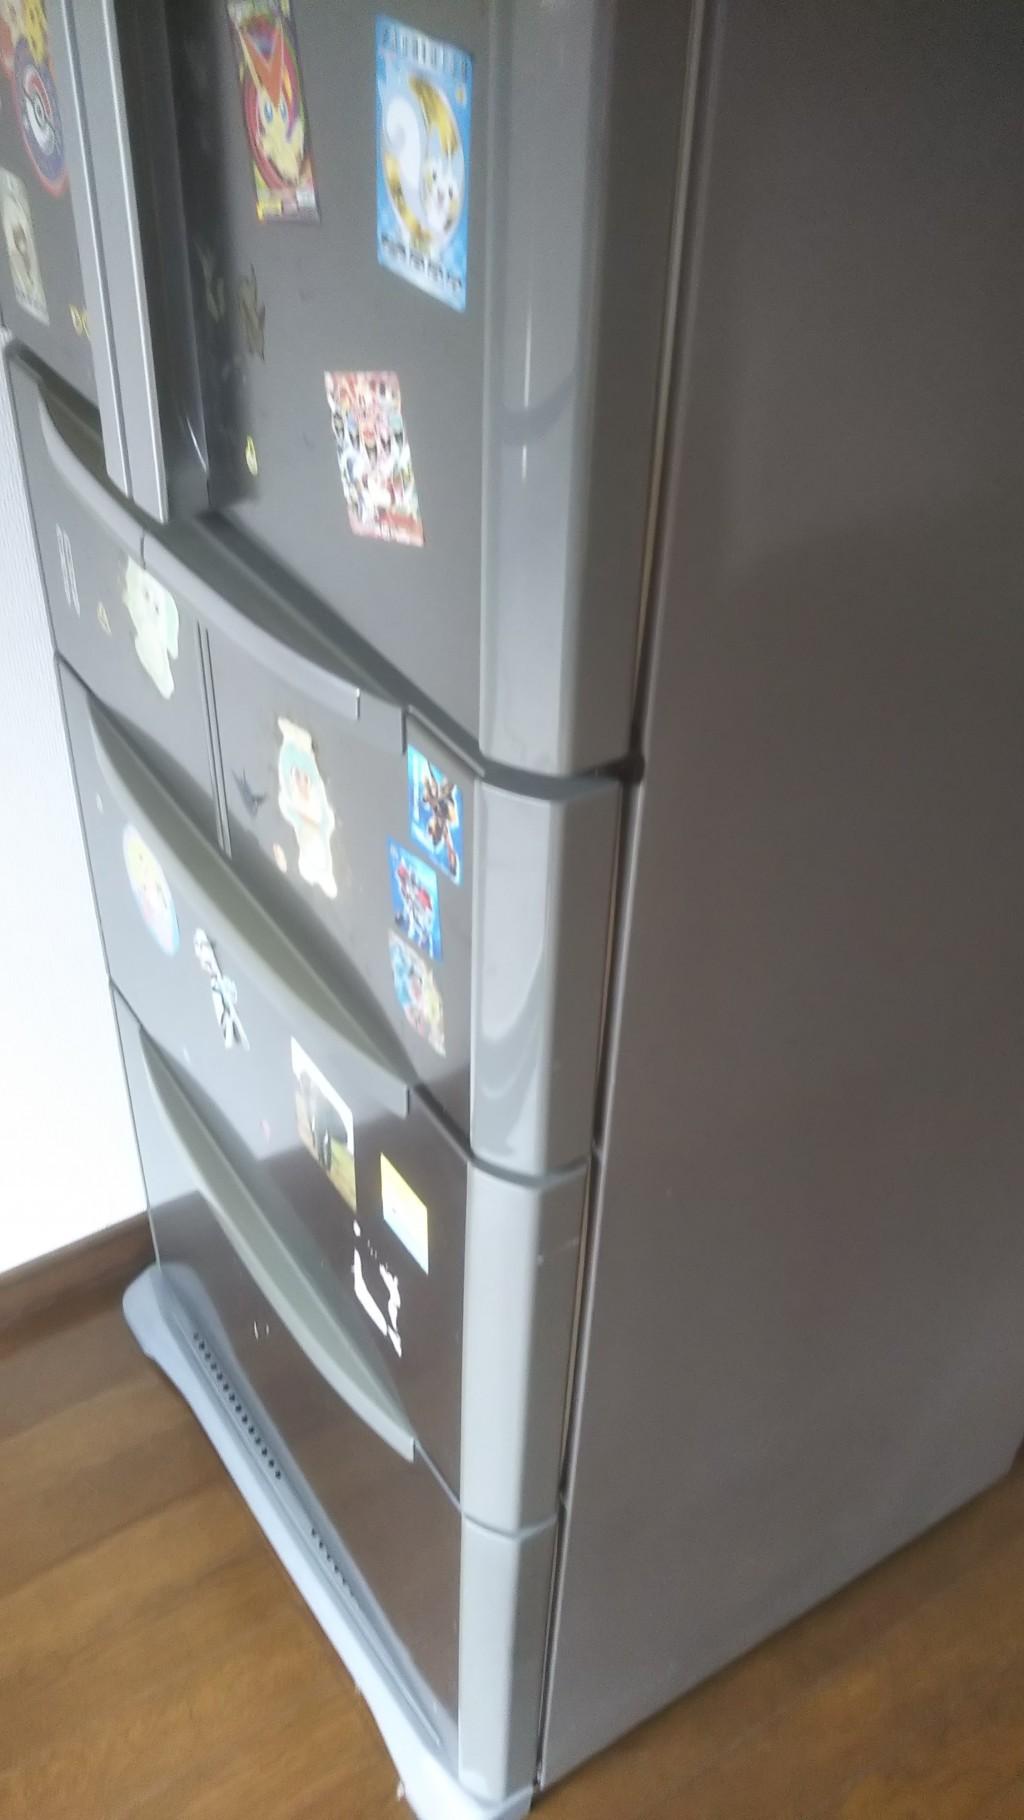 【海士町】冷蔵庫と洗濯機の回収・処分のご依頼 お客様の声